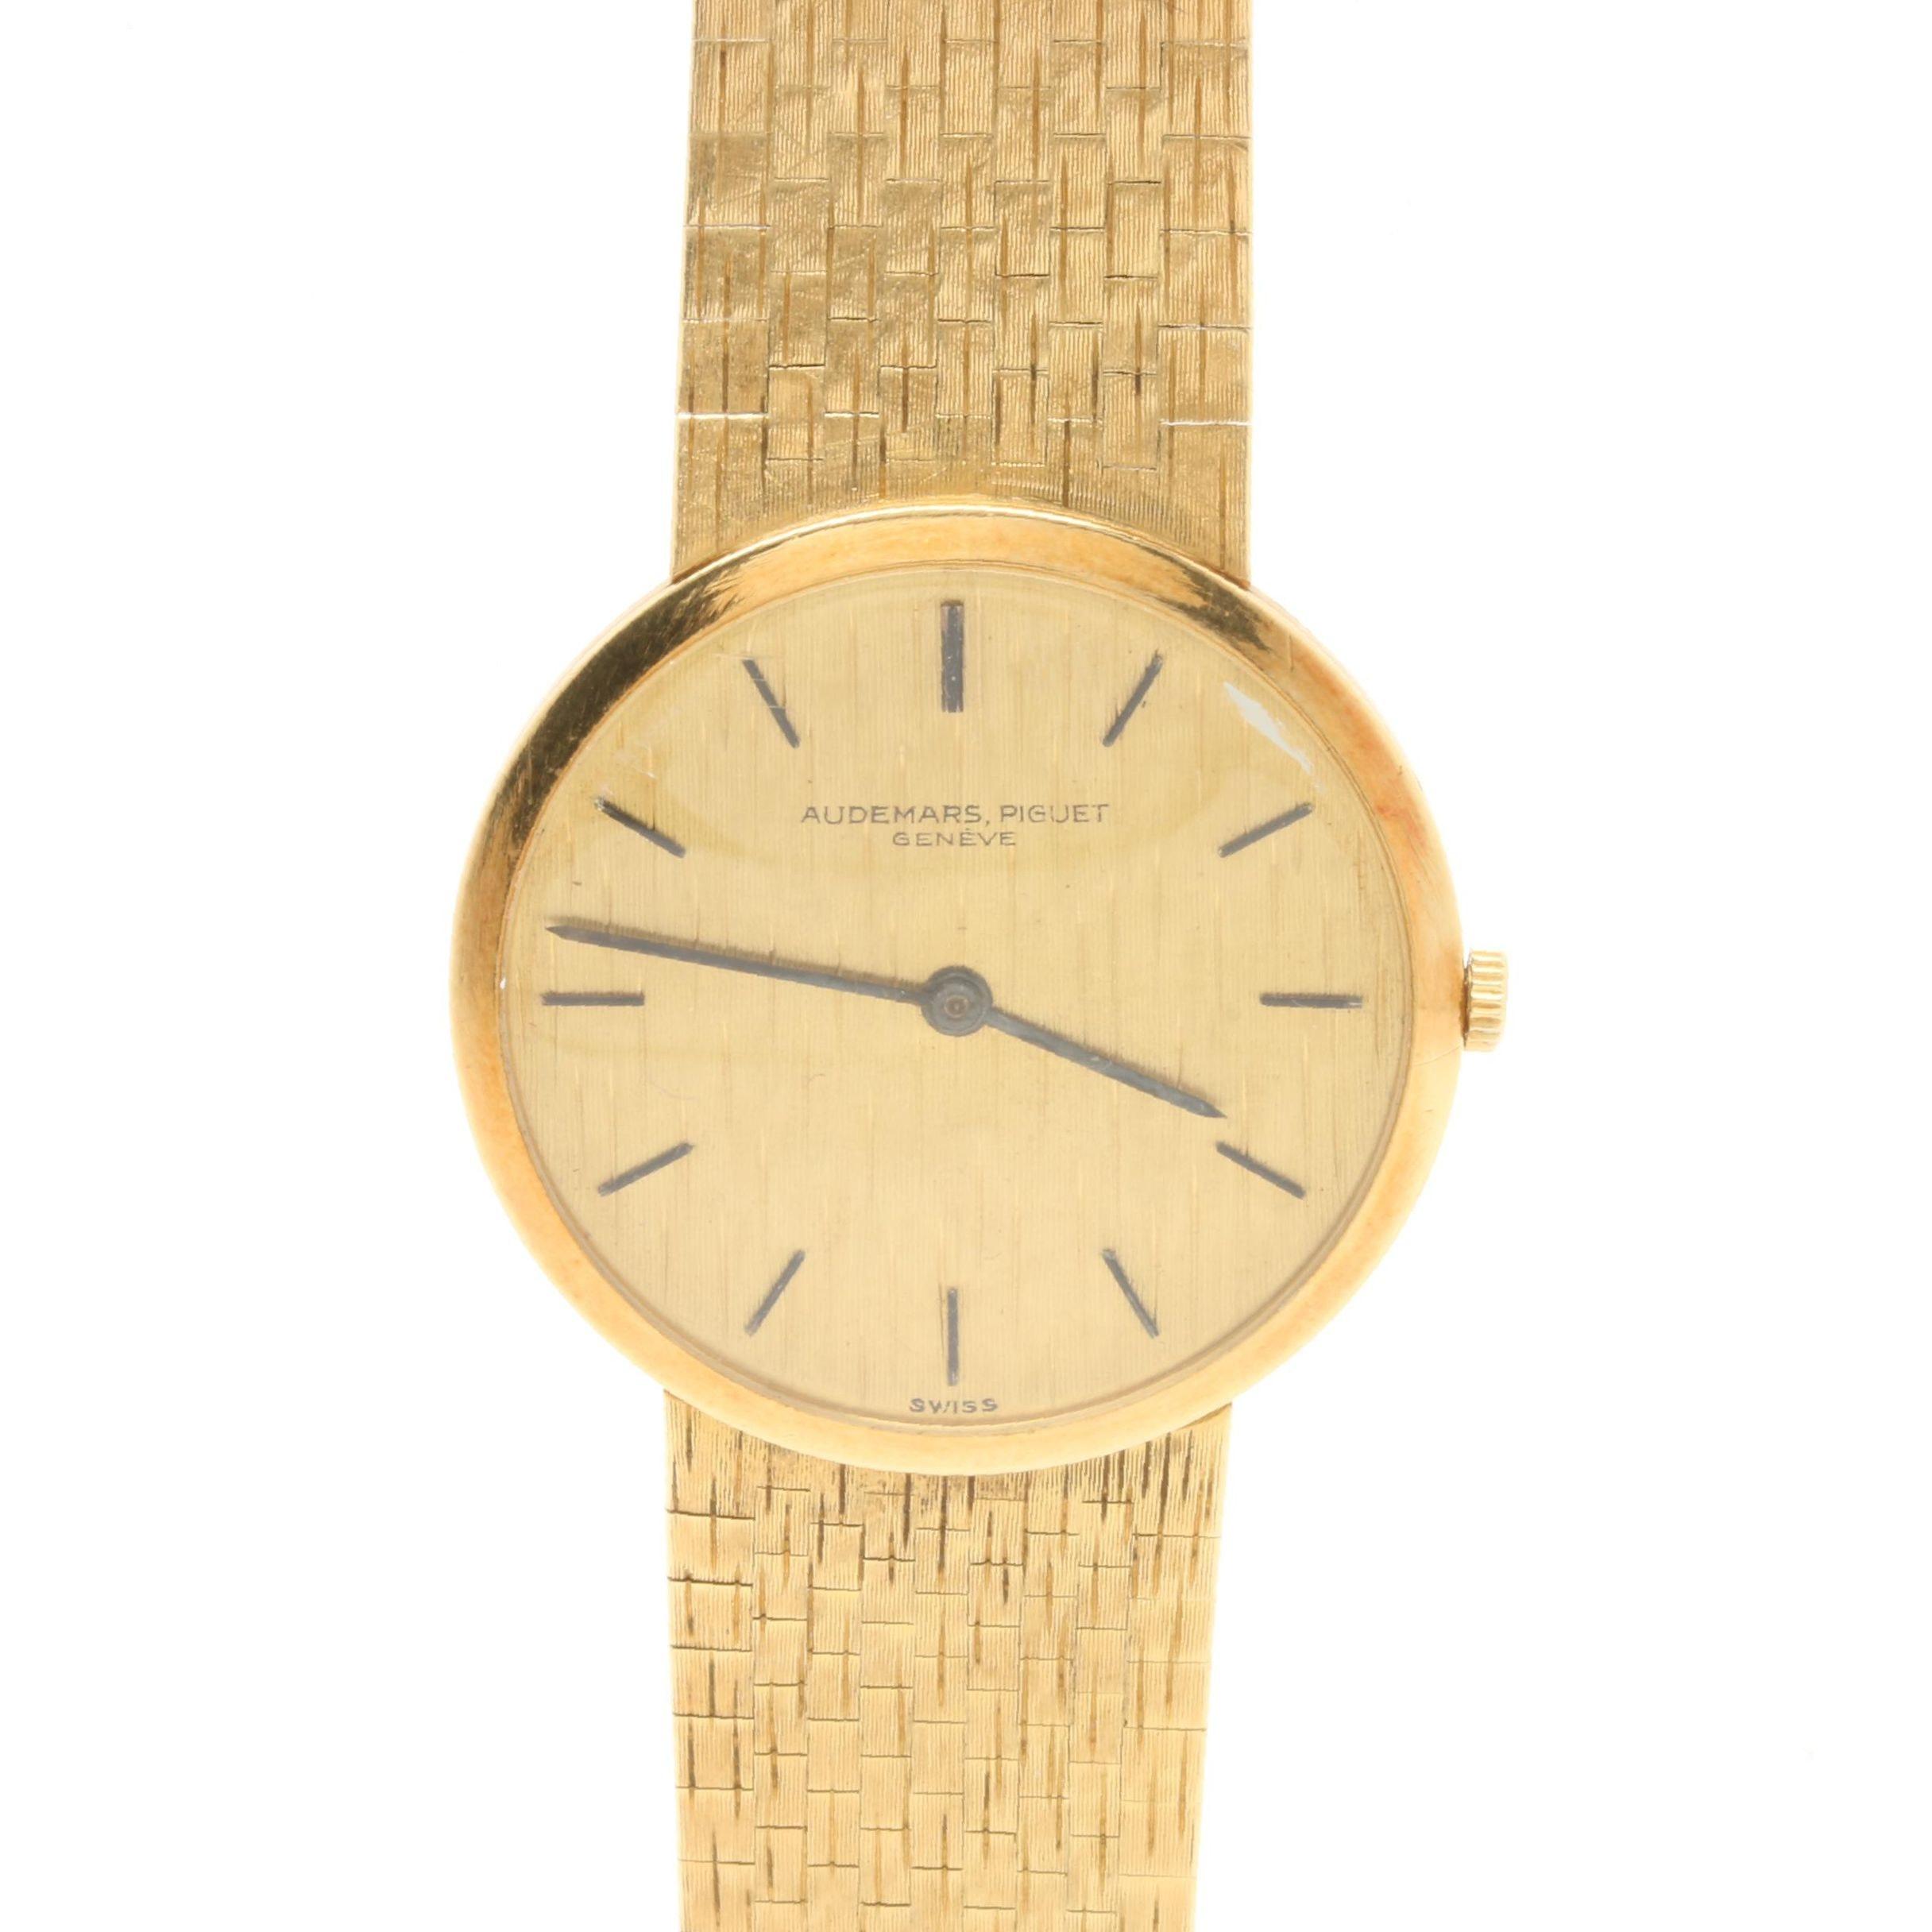 Audemars Piguet Geneve 18K Yellow Gold Stem Wind Wristwatch